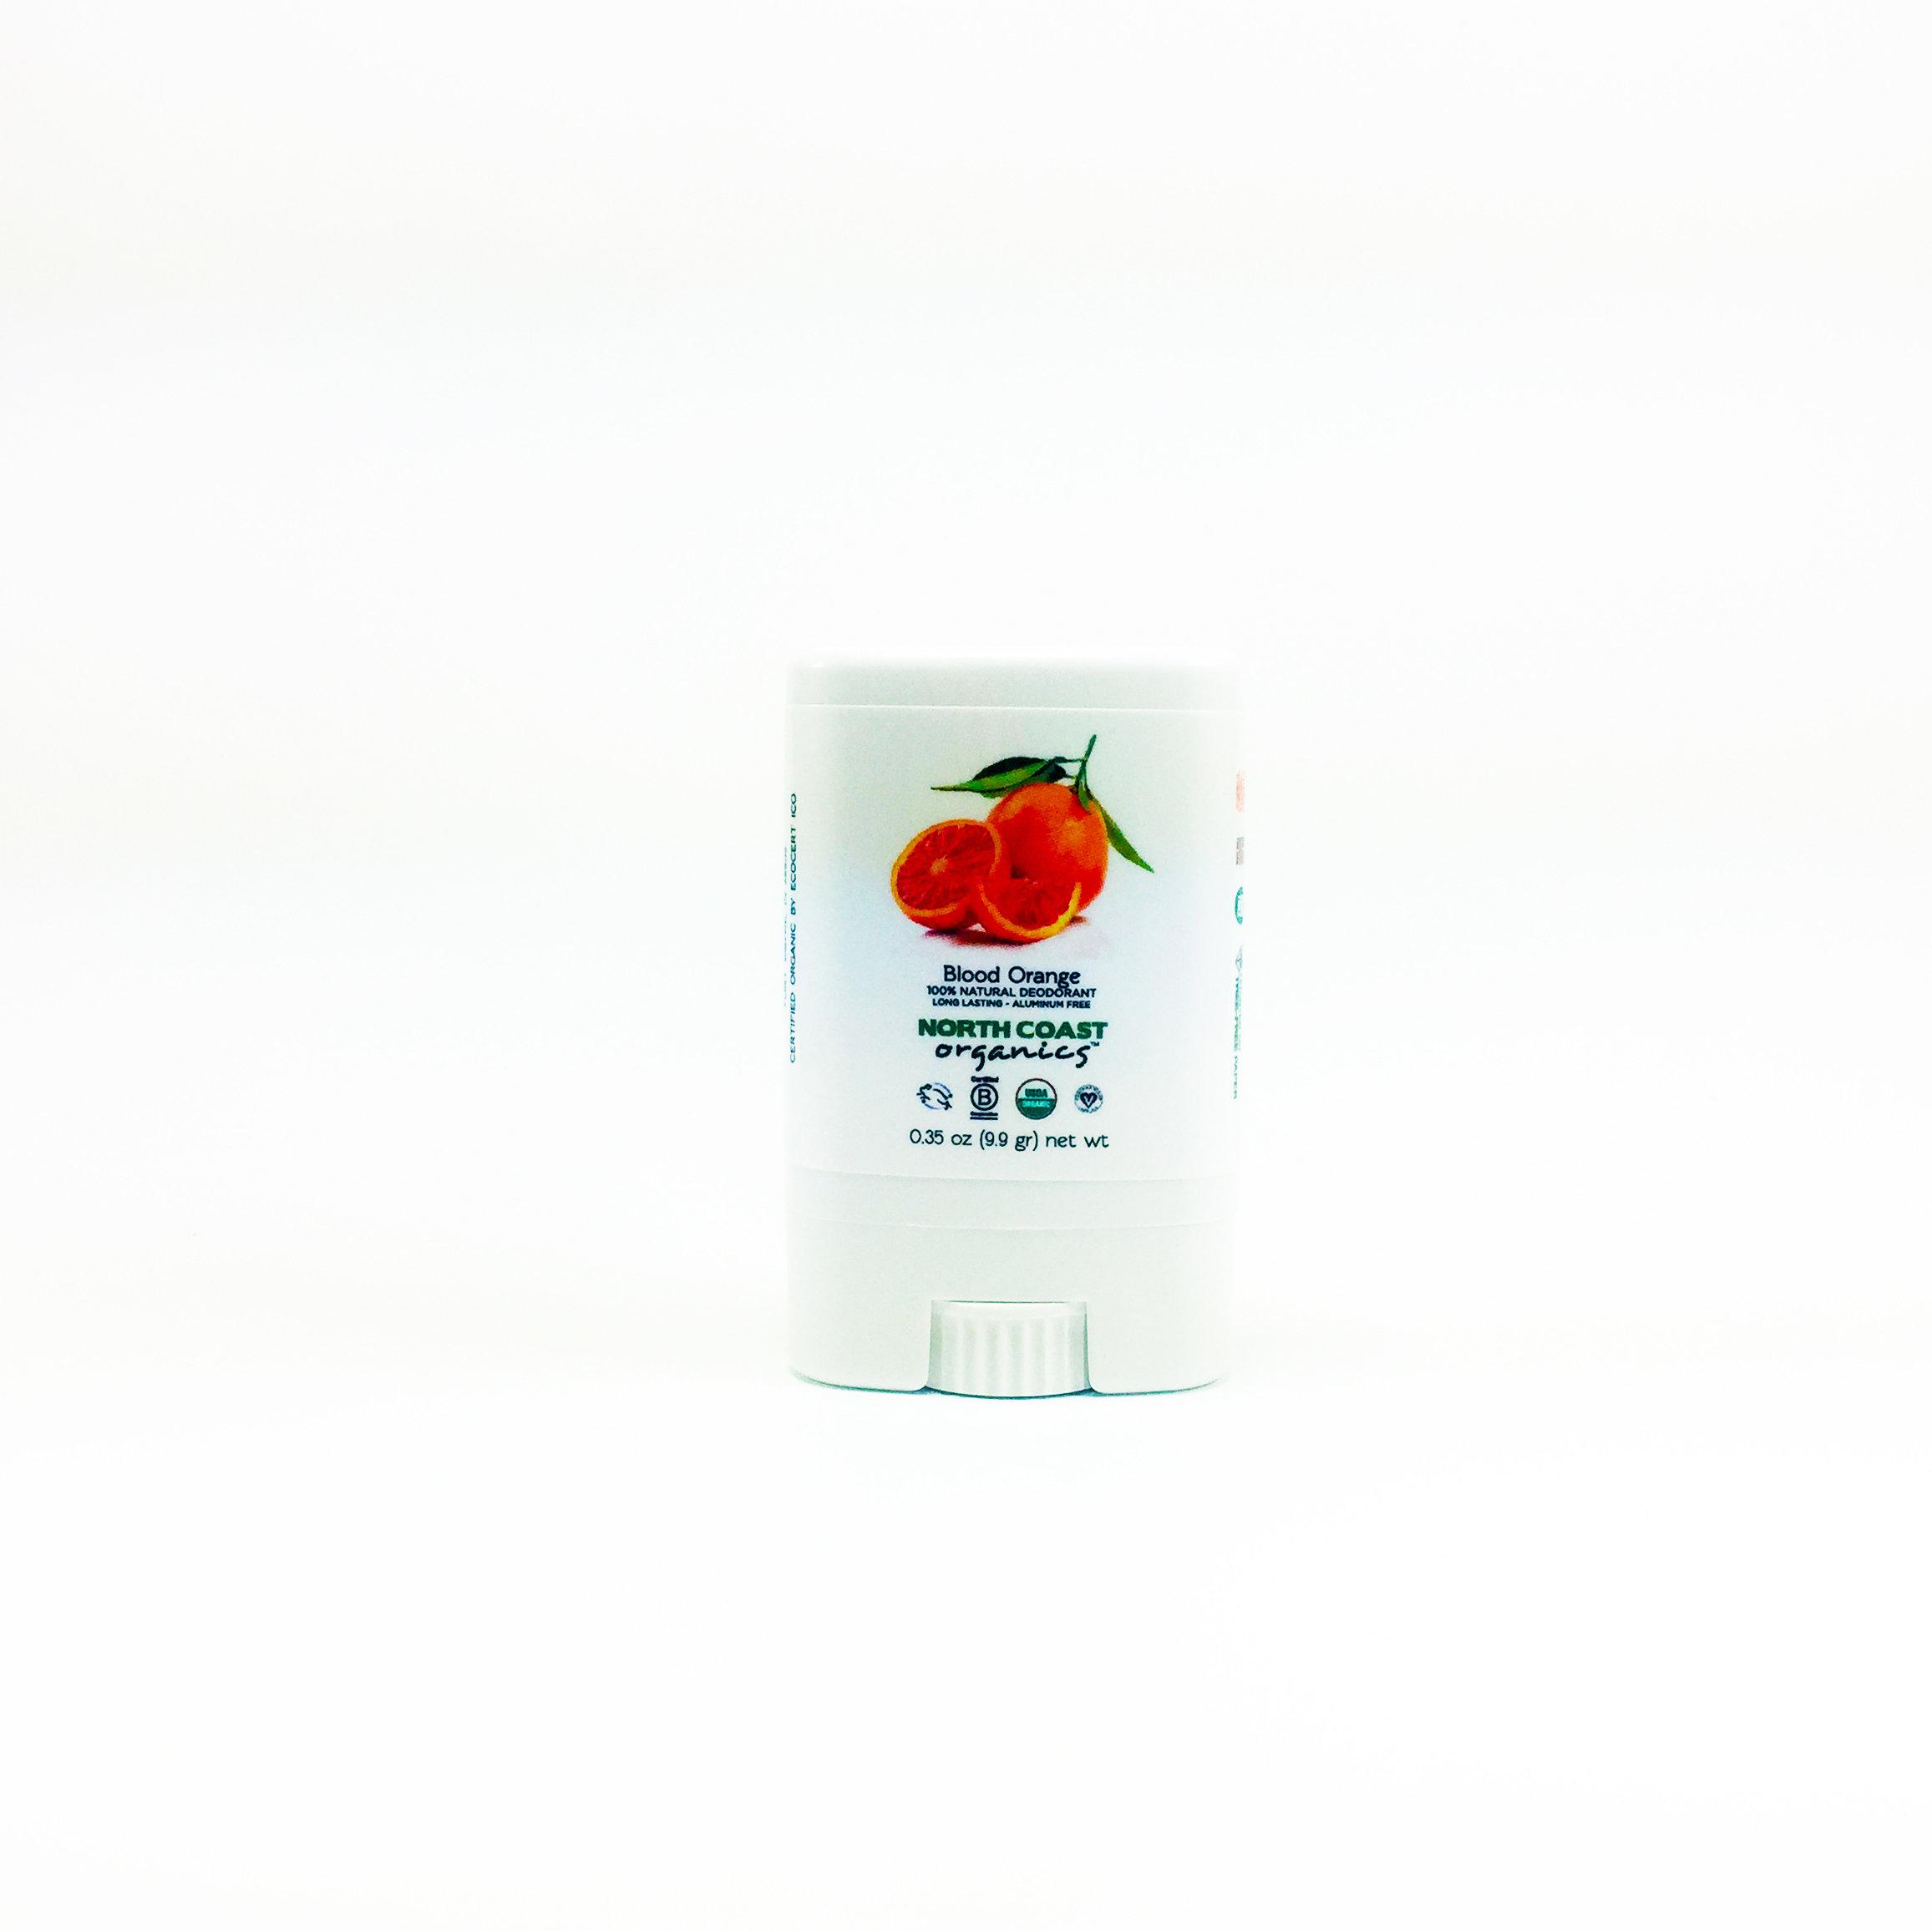 Blood Orange Organic Deodorant